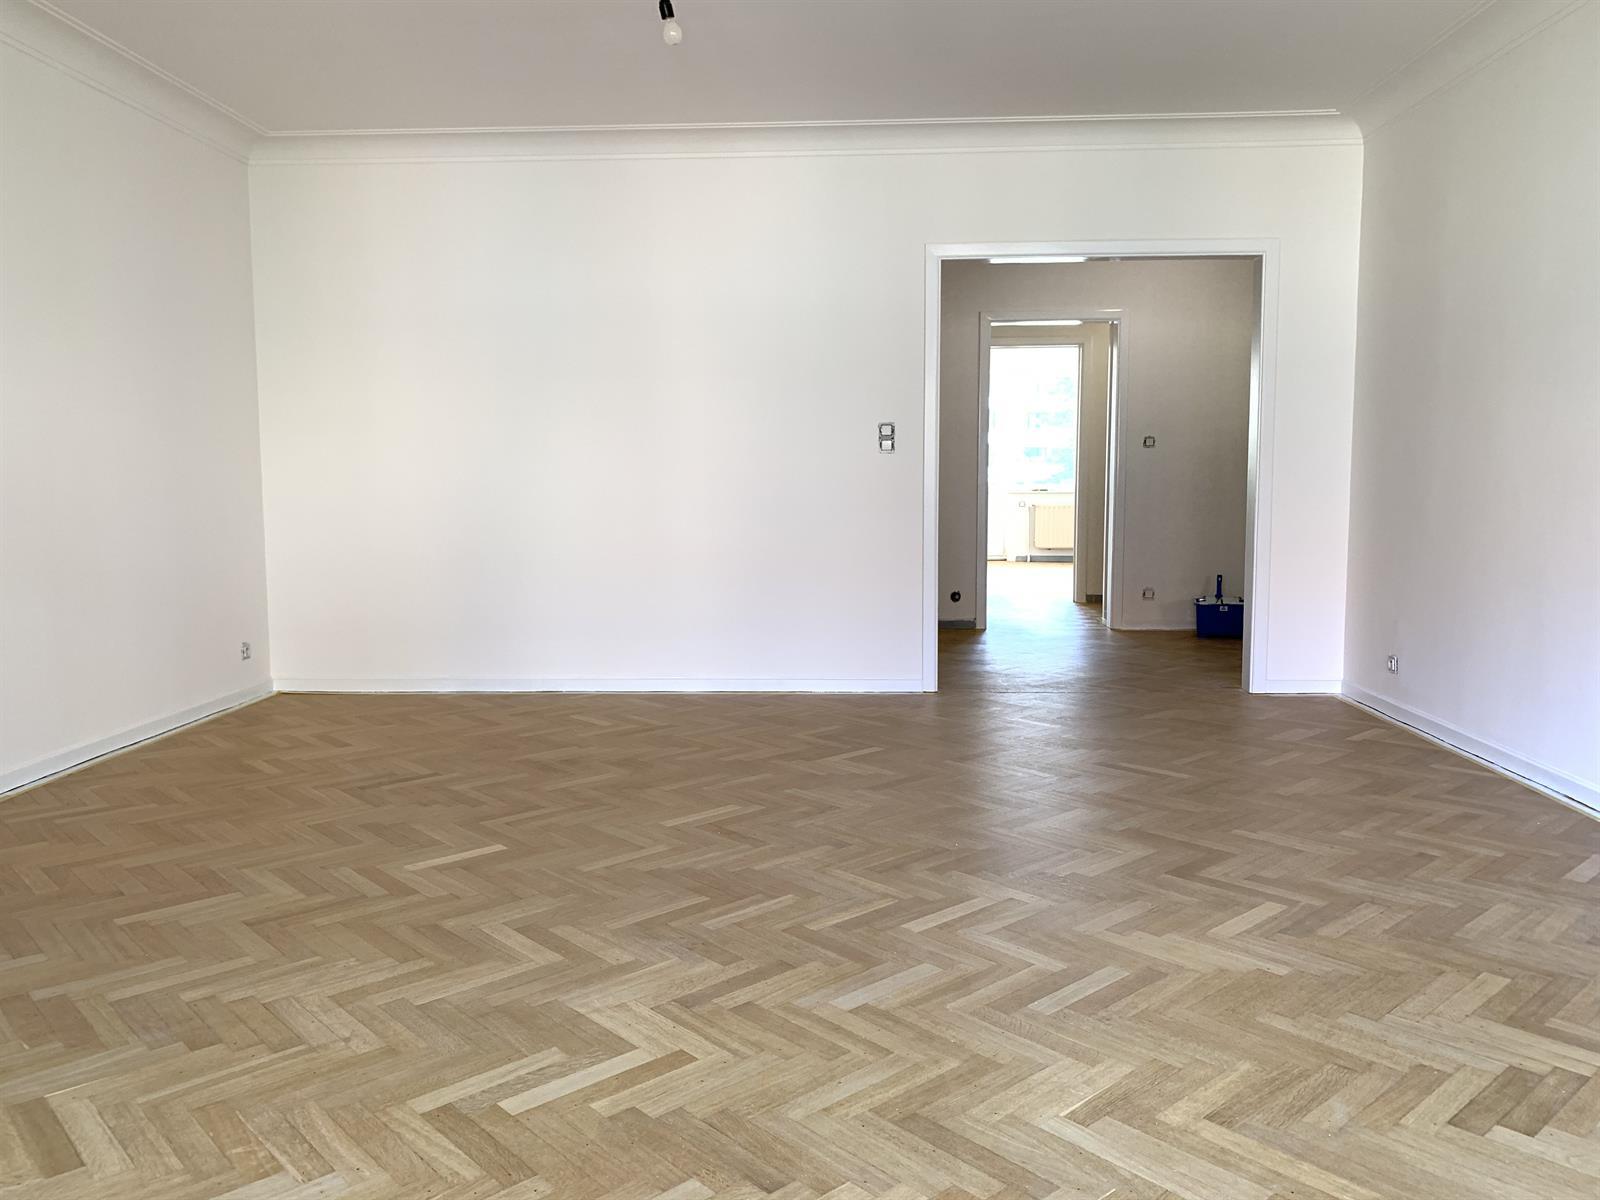 Appartement - Schaerbeek - #4148340-3